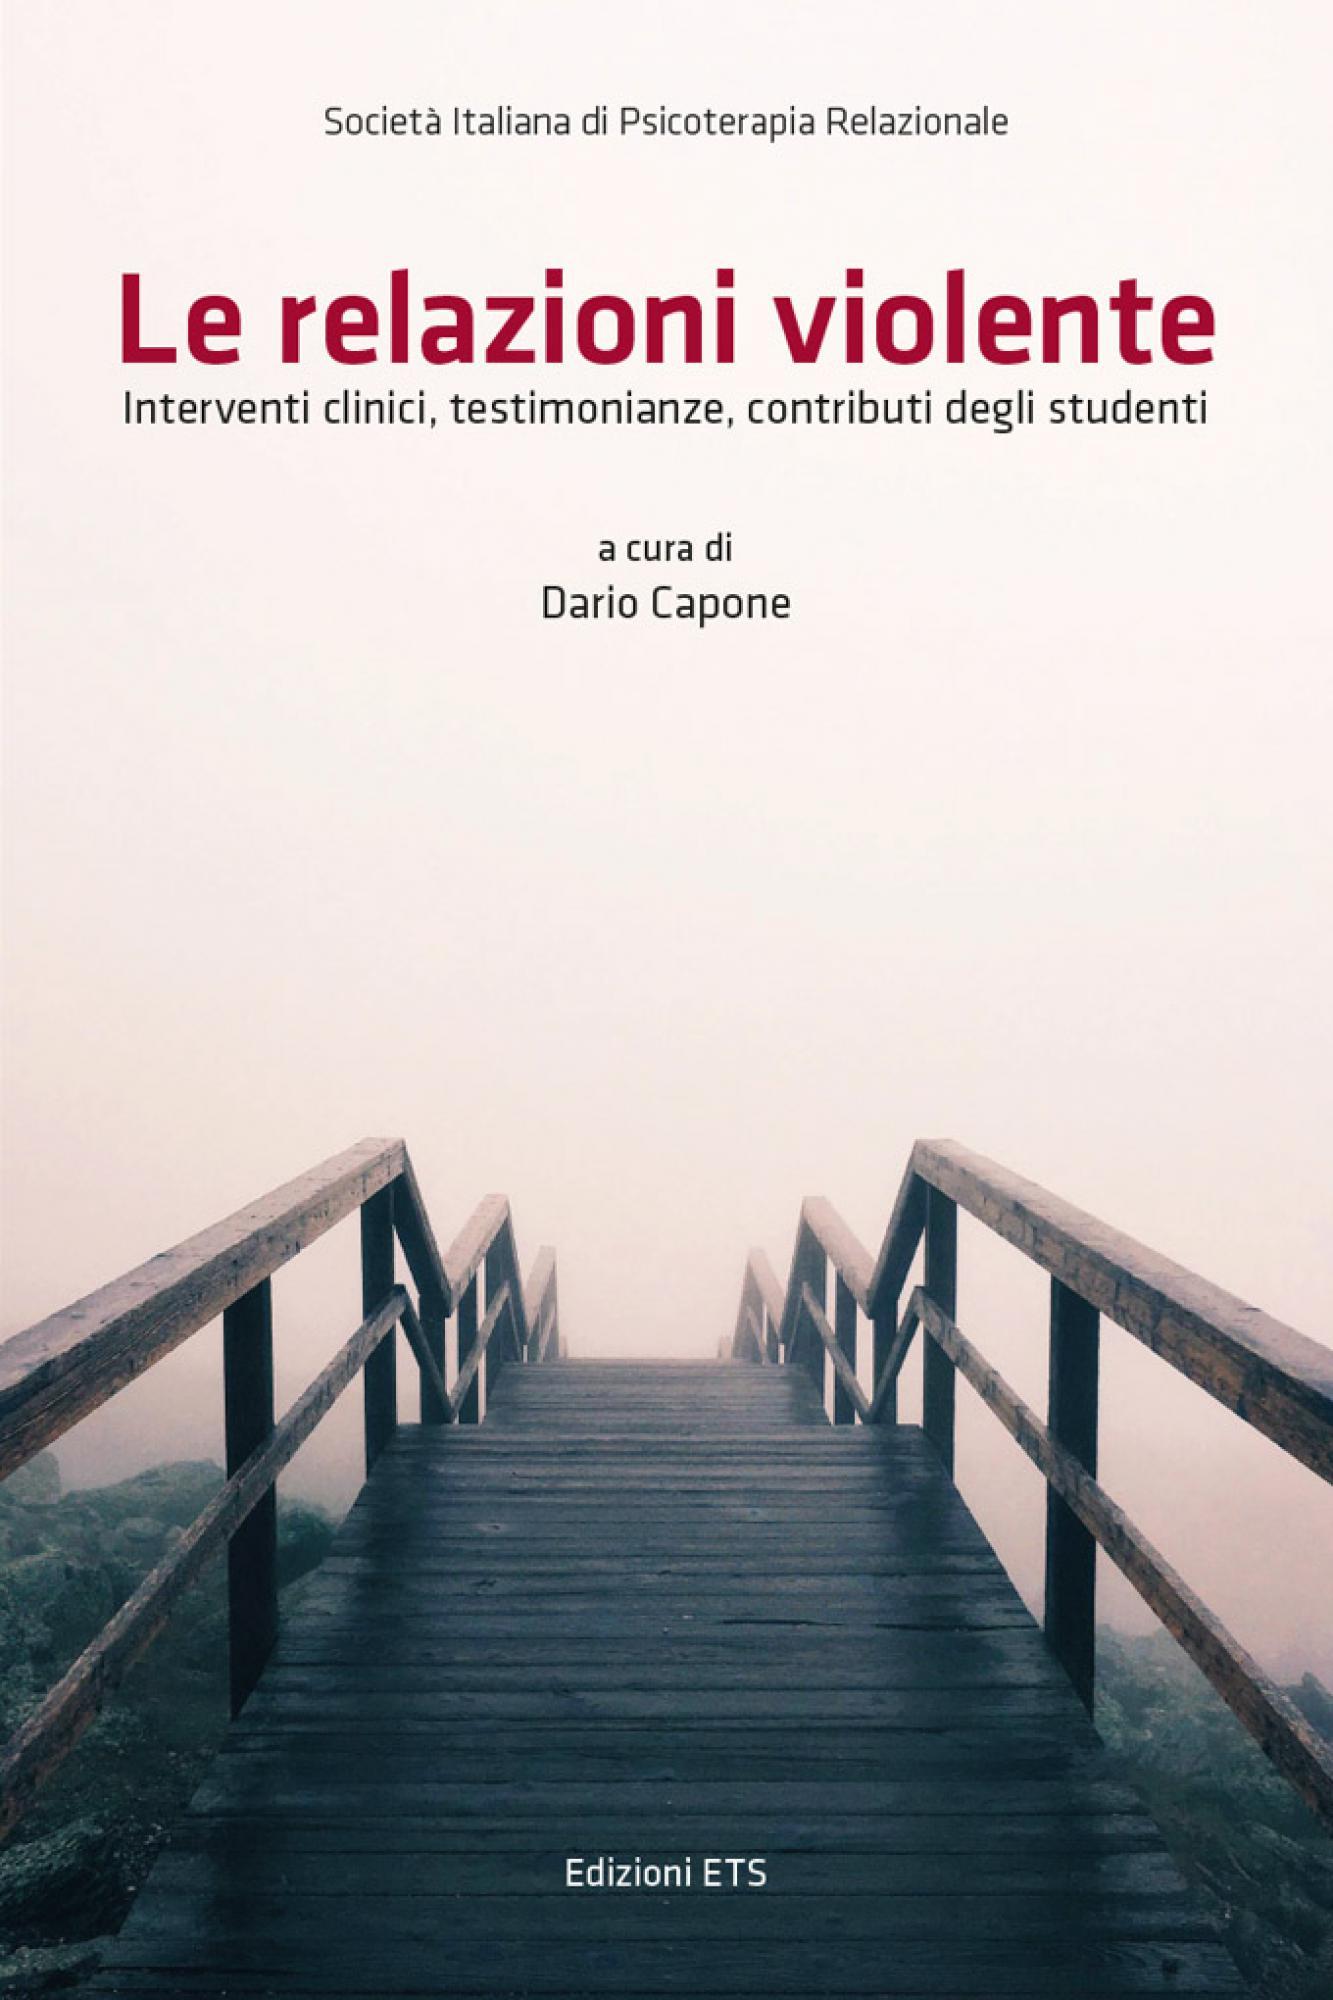 Le relazioni violente.Interventi clinici, testimonianze, contributi degli studenti